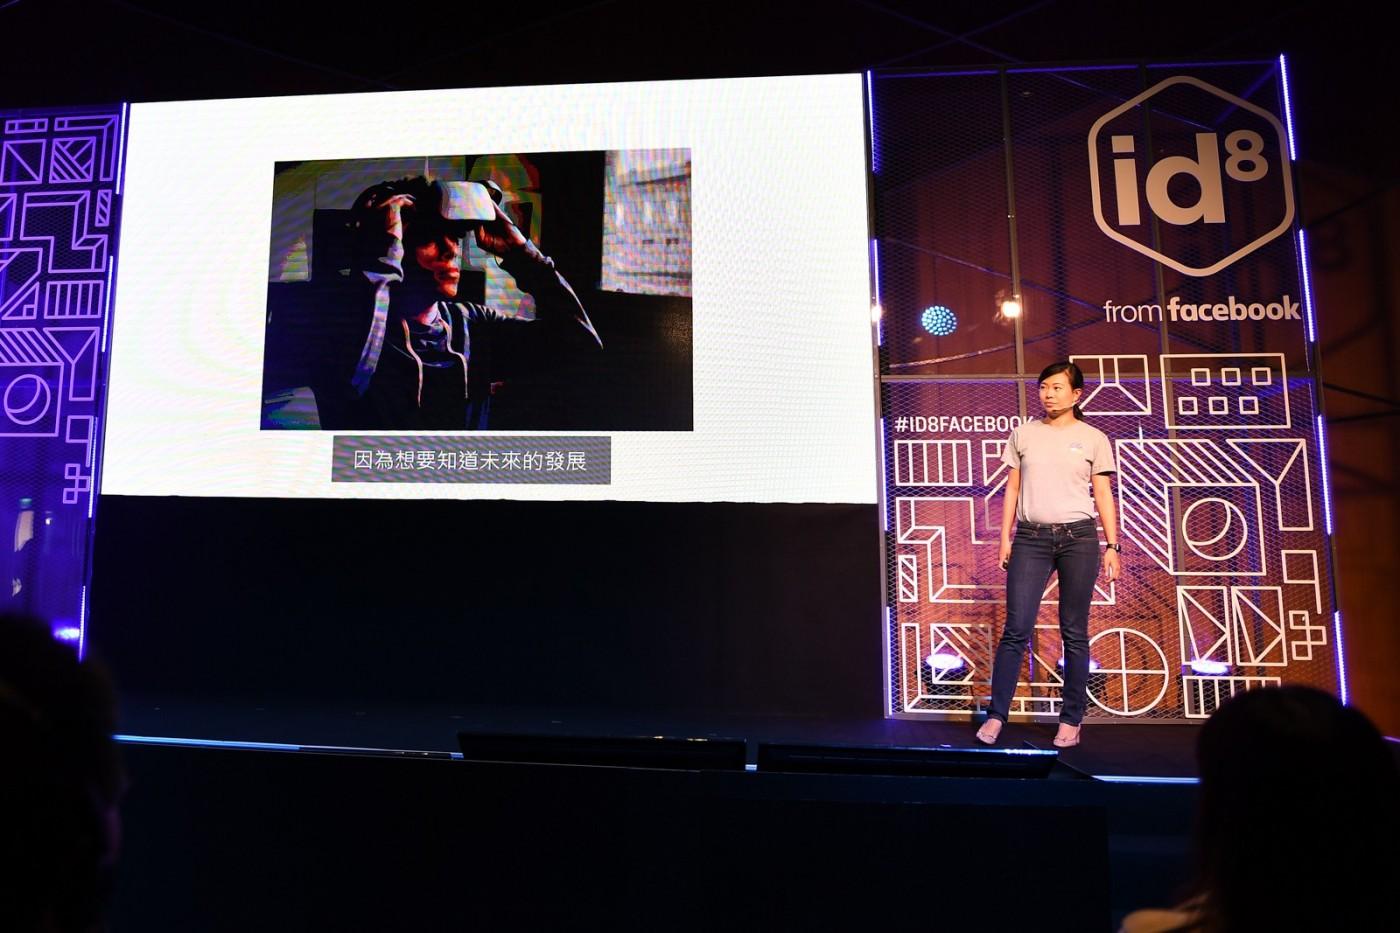 降低開發門檻,Facebook讓創作者免寫程式也能打造AR內容